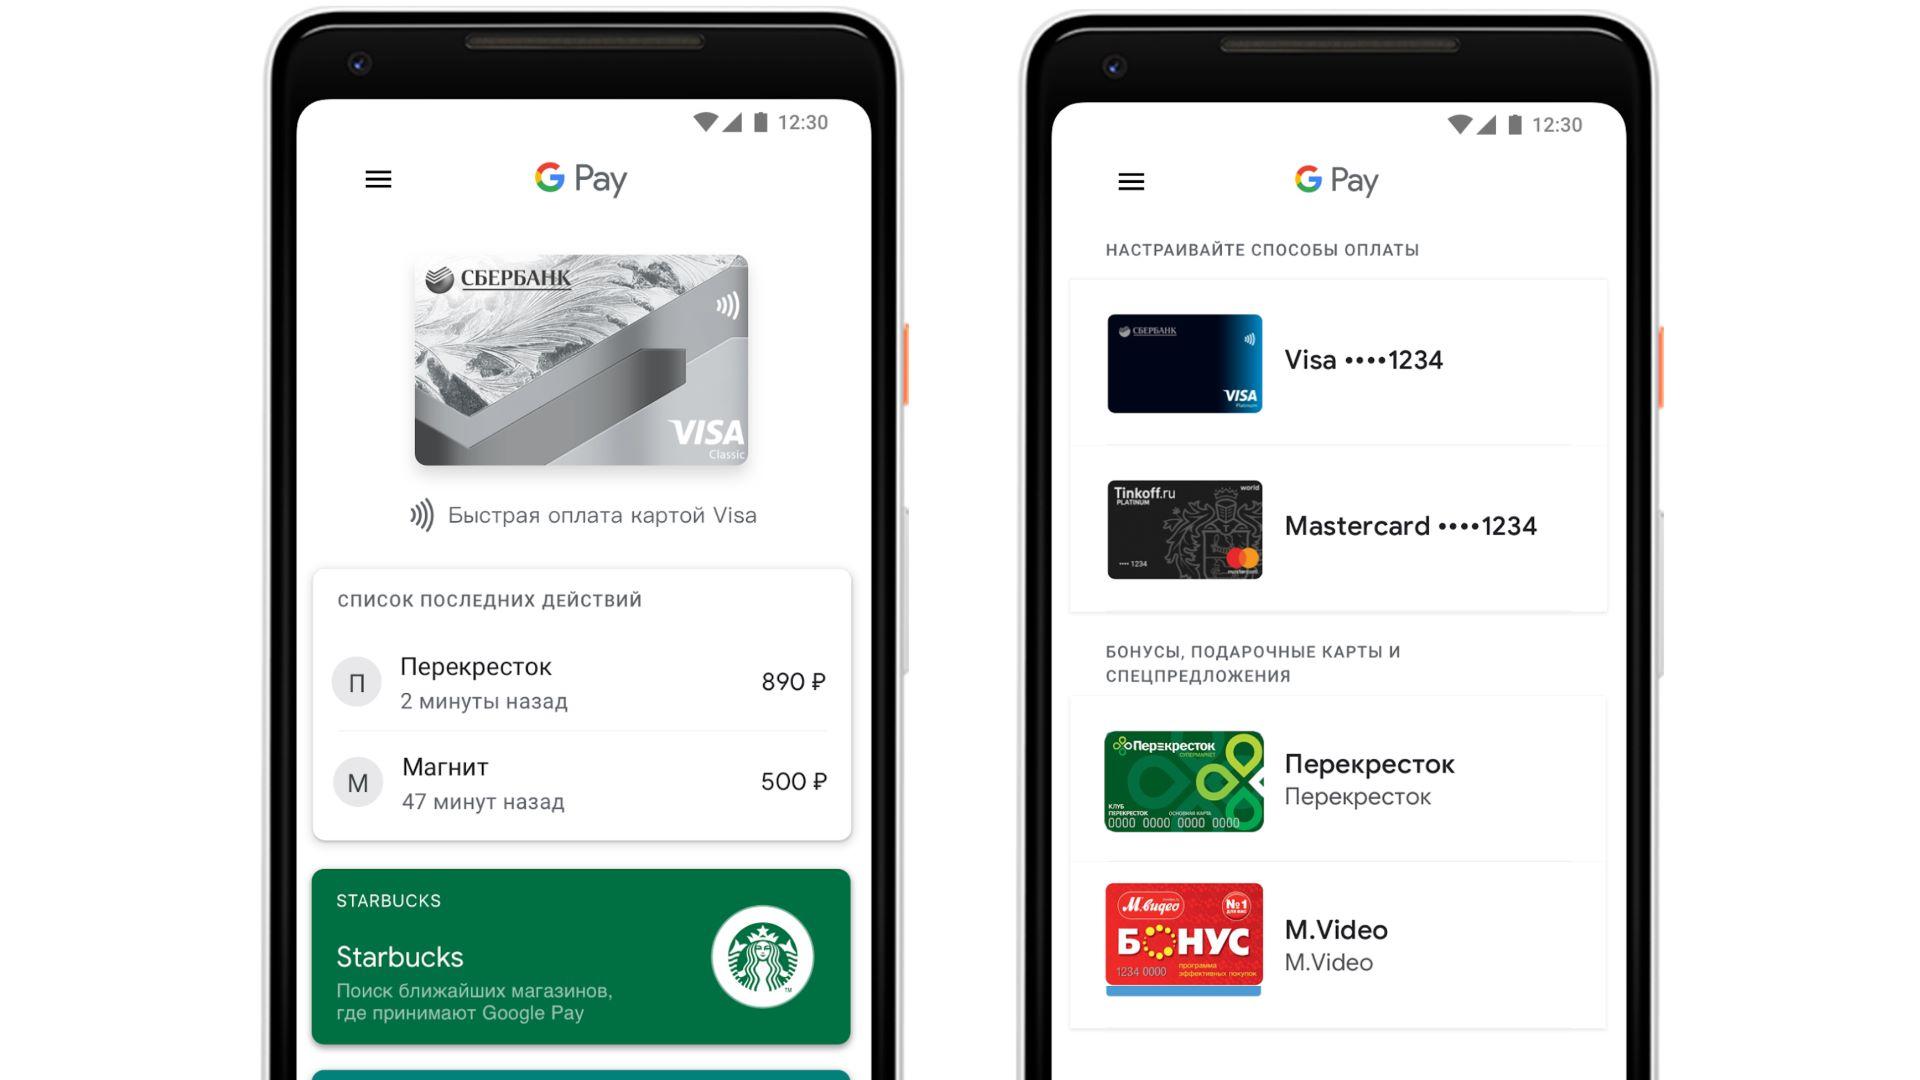 Сберегательный банк первым избанков воплотил оплату через Google Pay